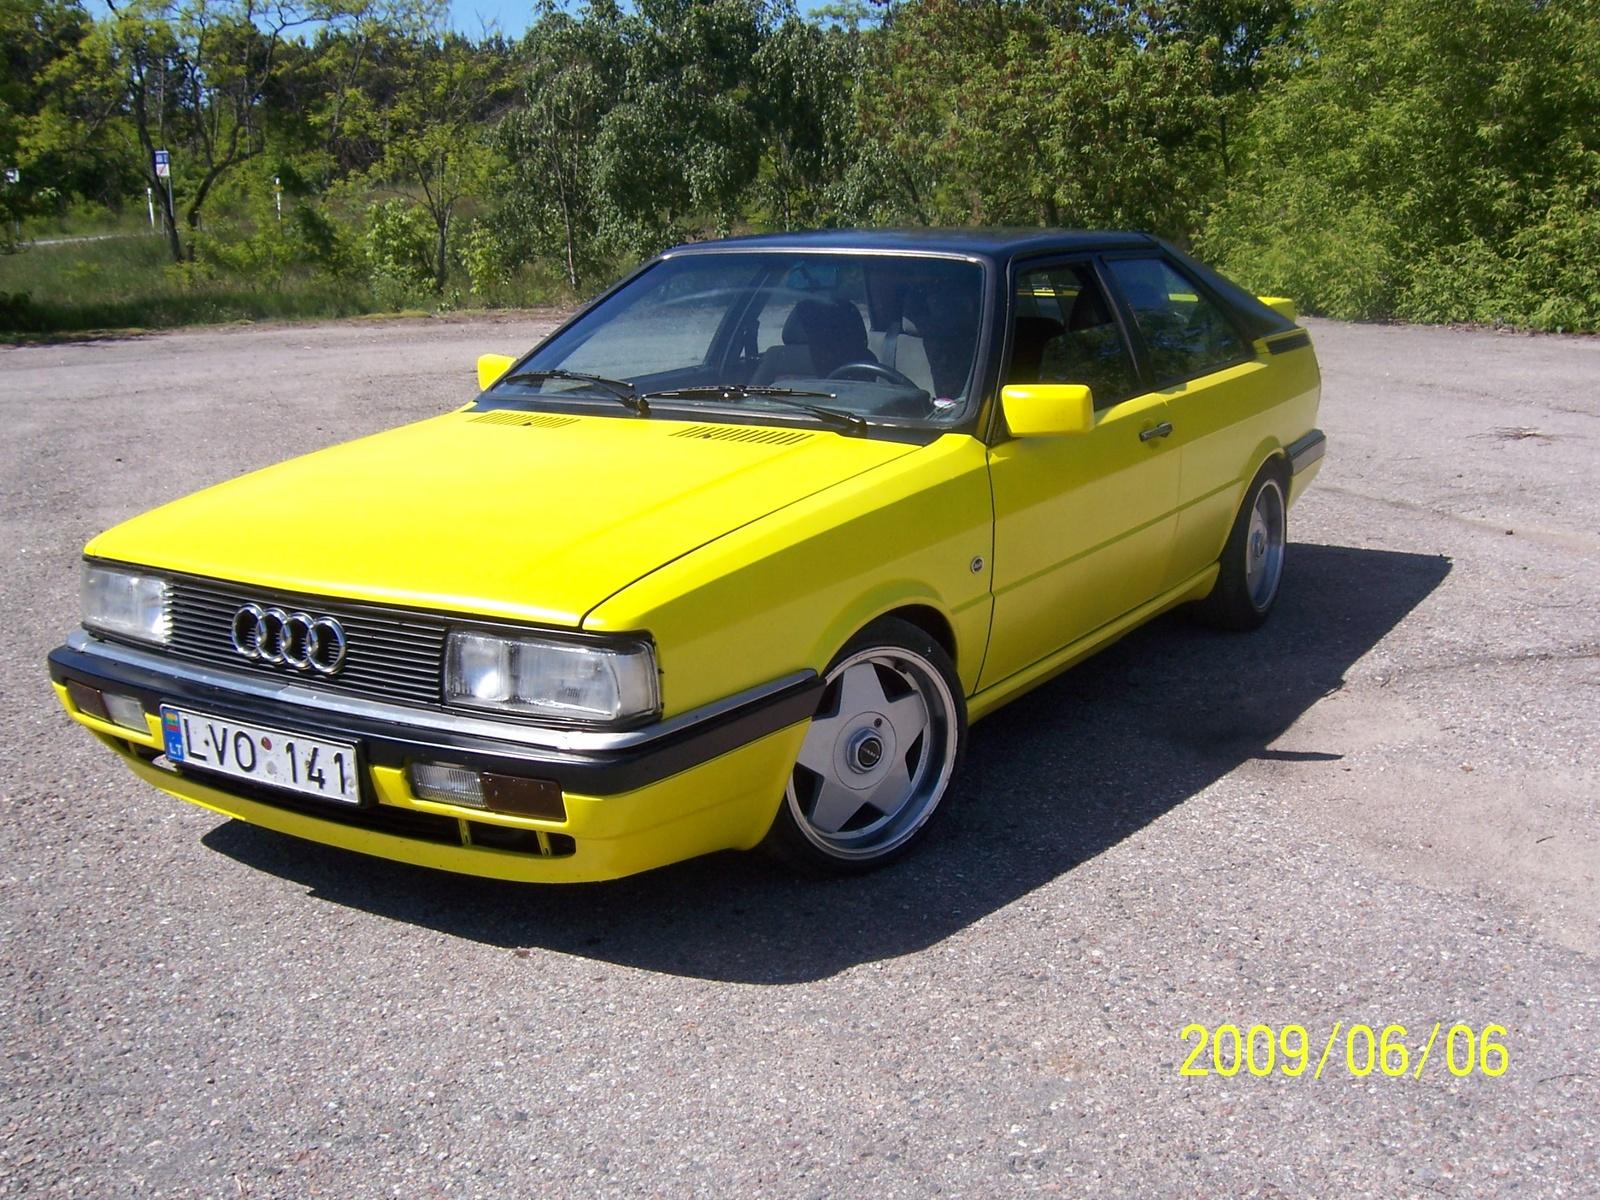 1985 Audi Coupe Pictures Cargurus